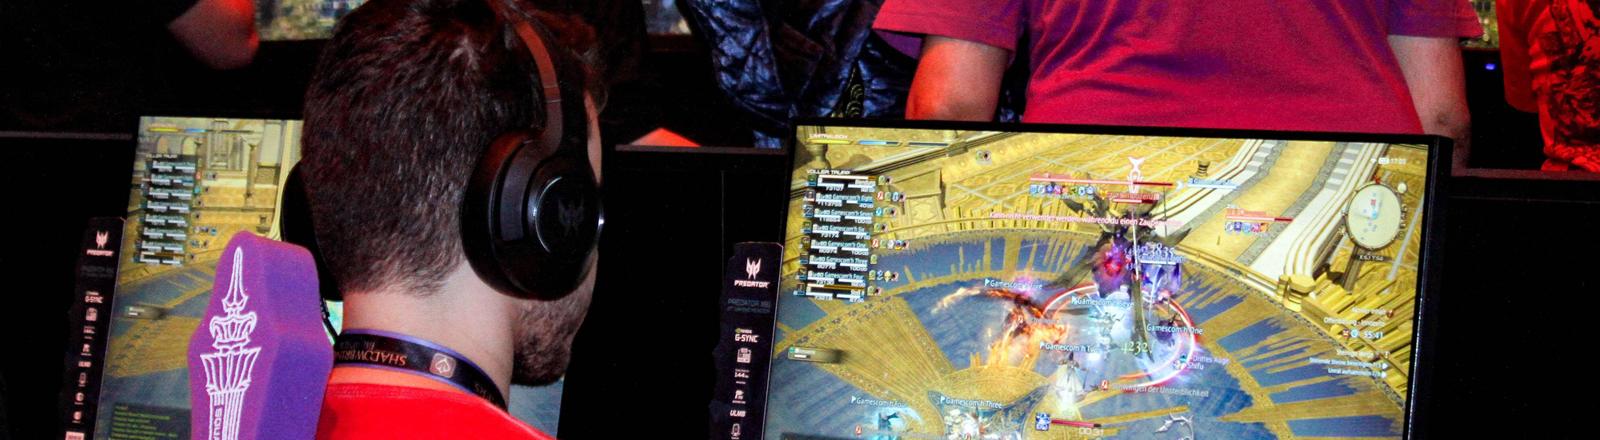 Spieler testen das Spiel Shadowbringers - Final Fantasy XIV bei der Gamescom in Köln 2019